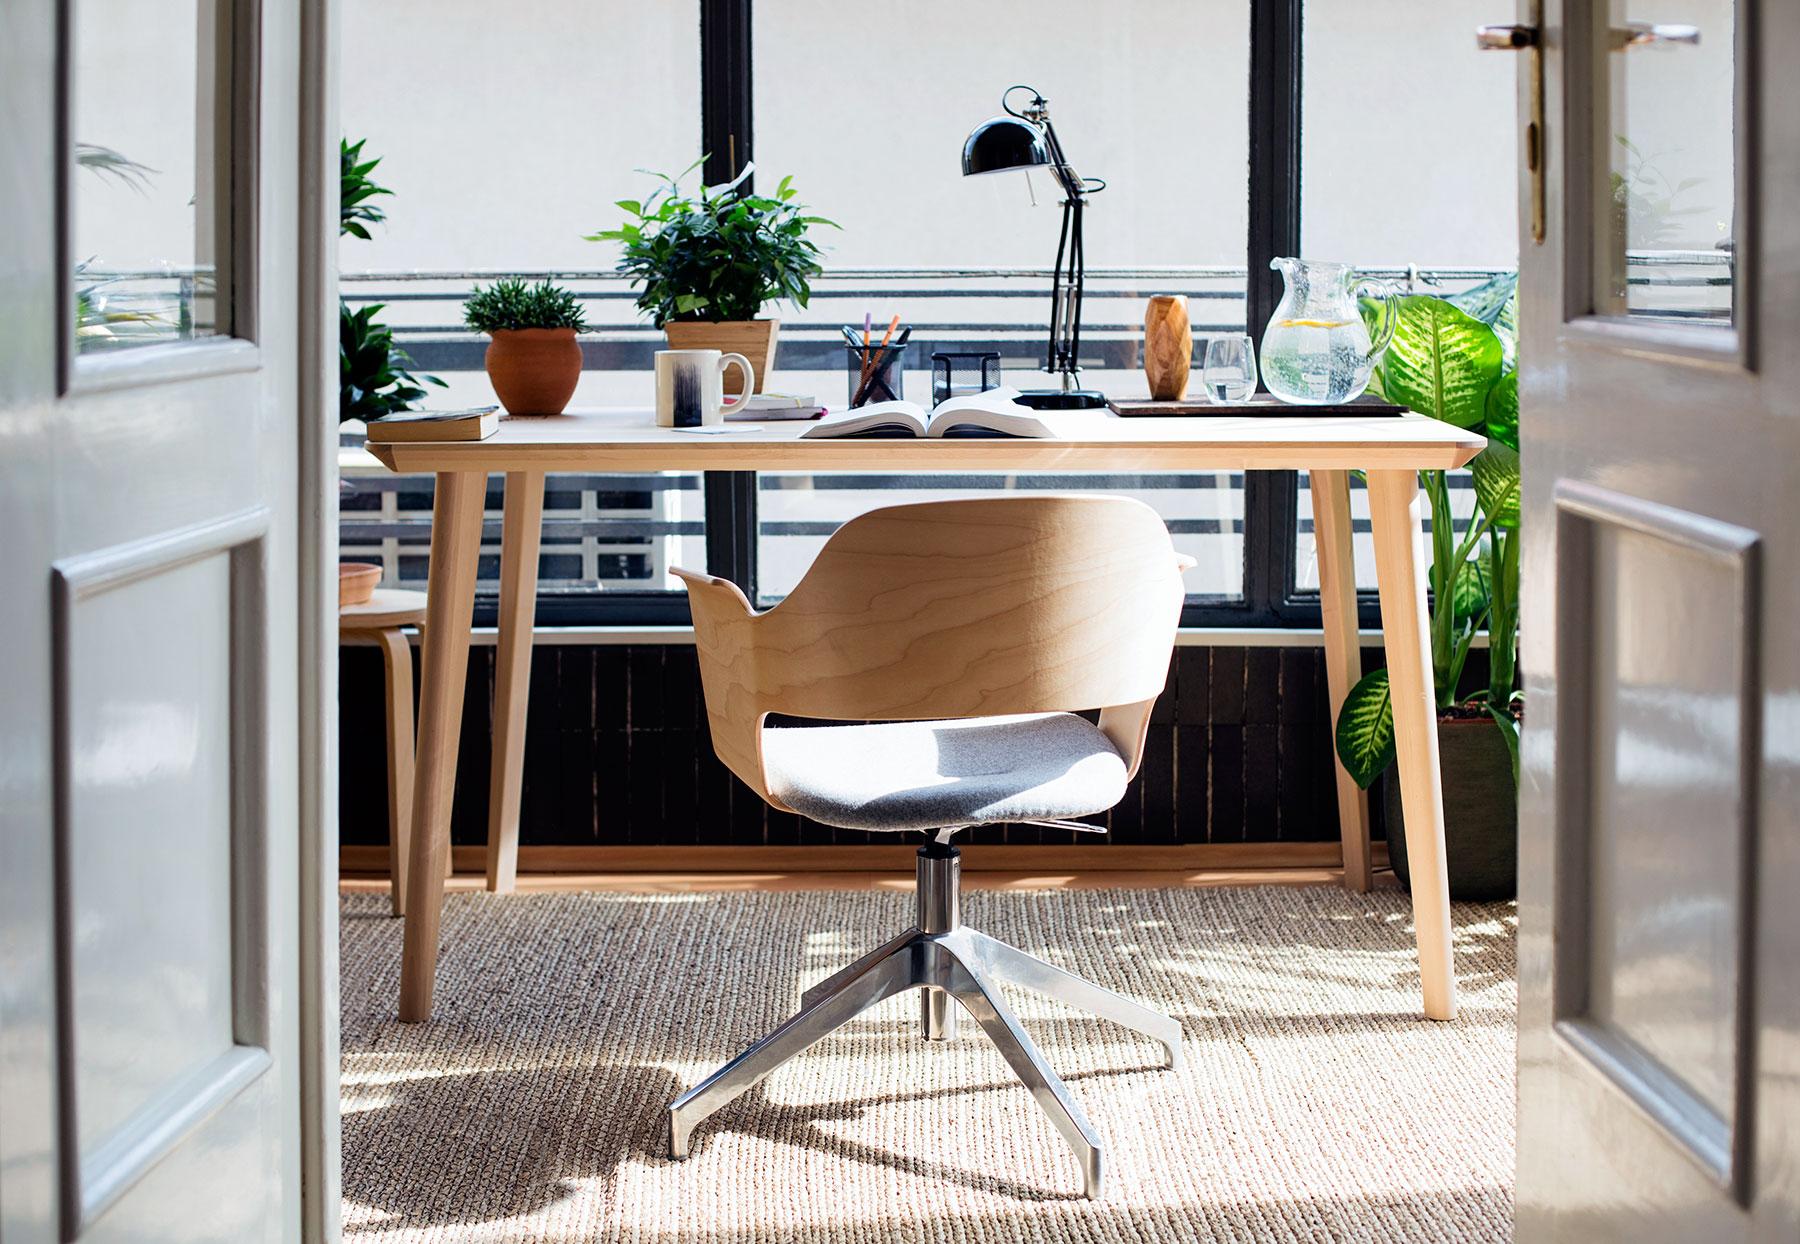 'Tiết lộ' vị trí đặt bàn làm việc tại nhà đem lại nguồn cảm hứng và năng suất lao động - Ảnh 8